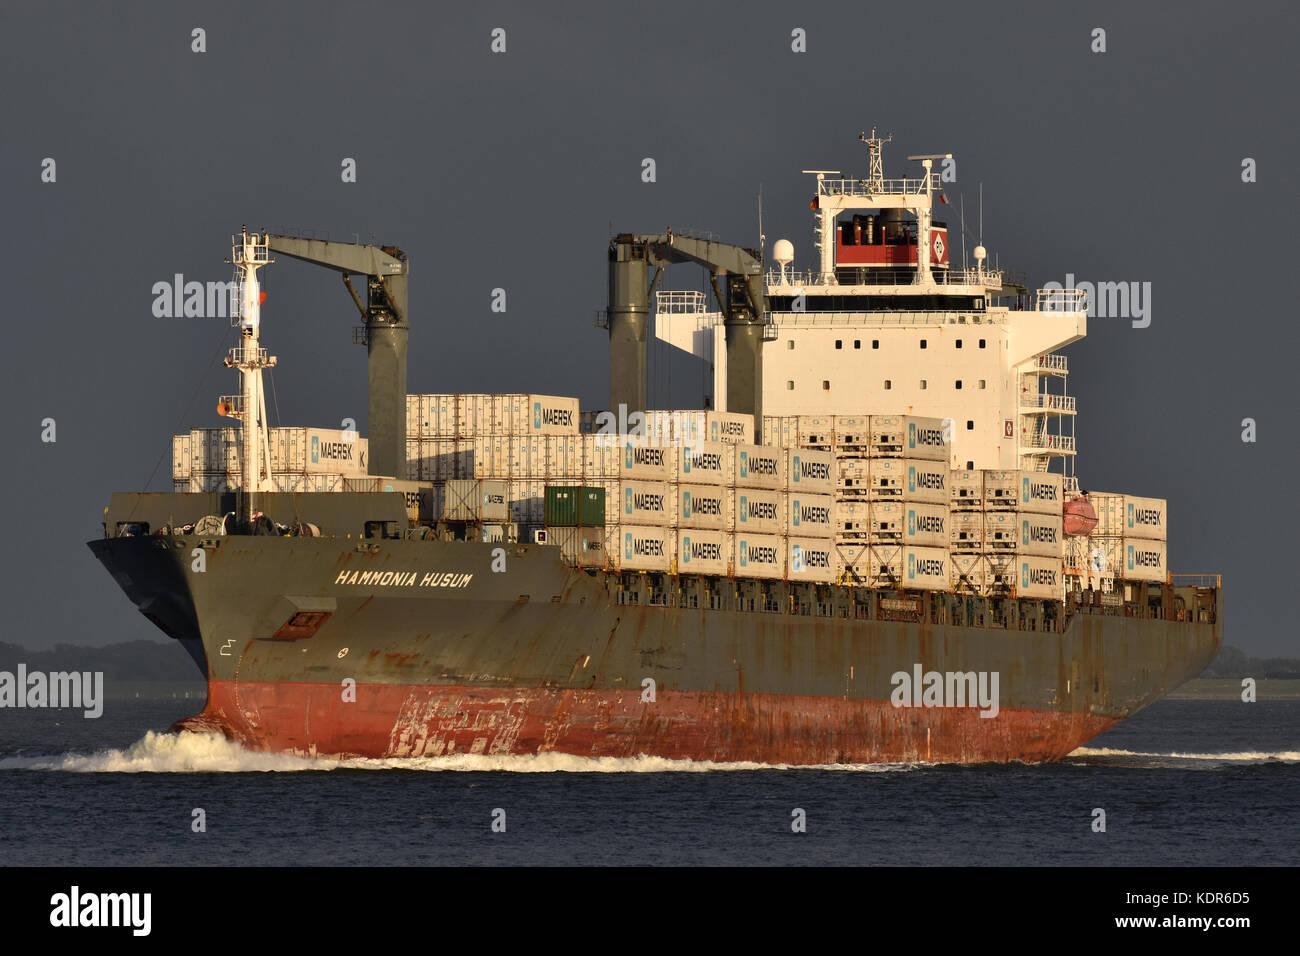 Hammonia Husum - Stock Image